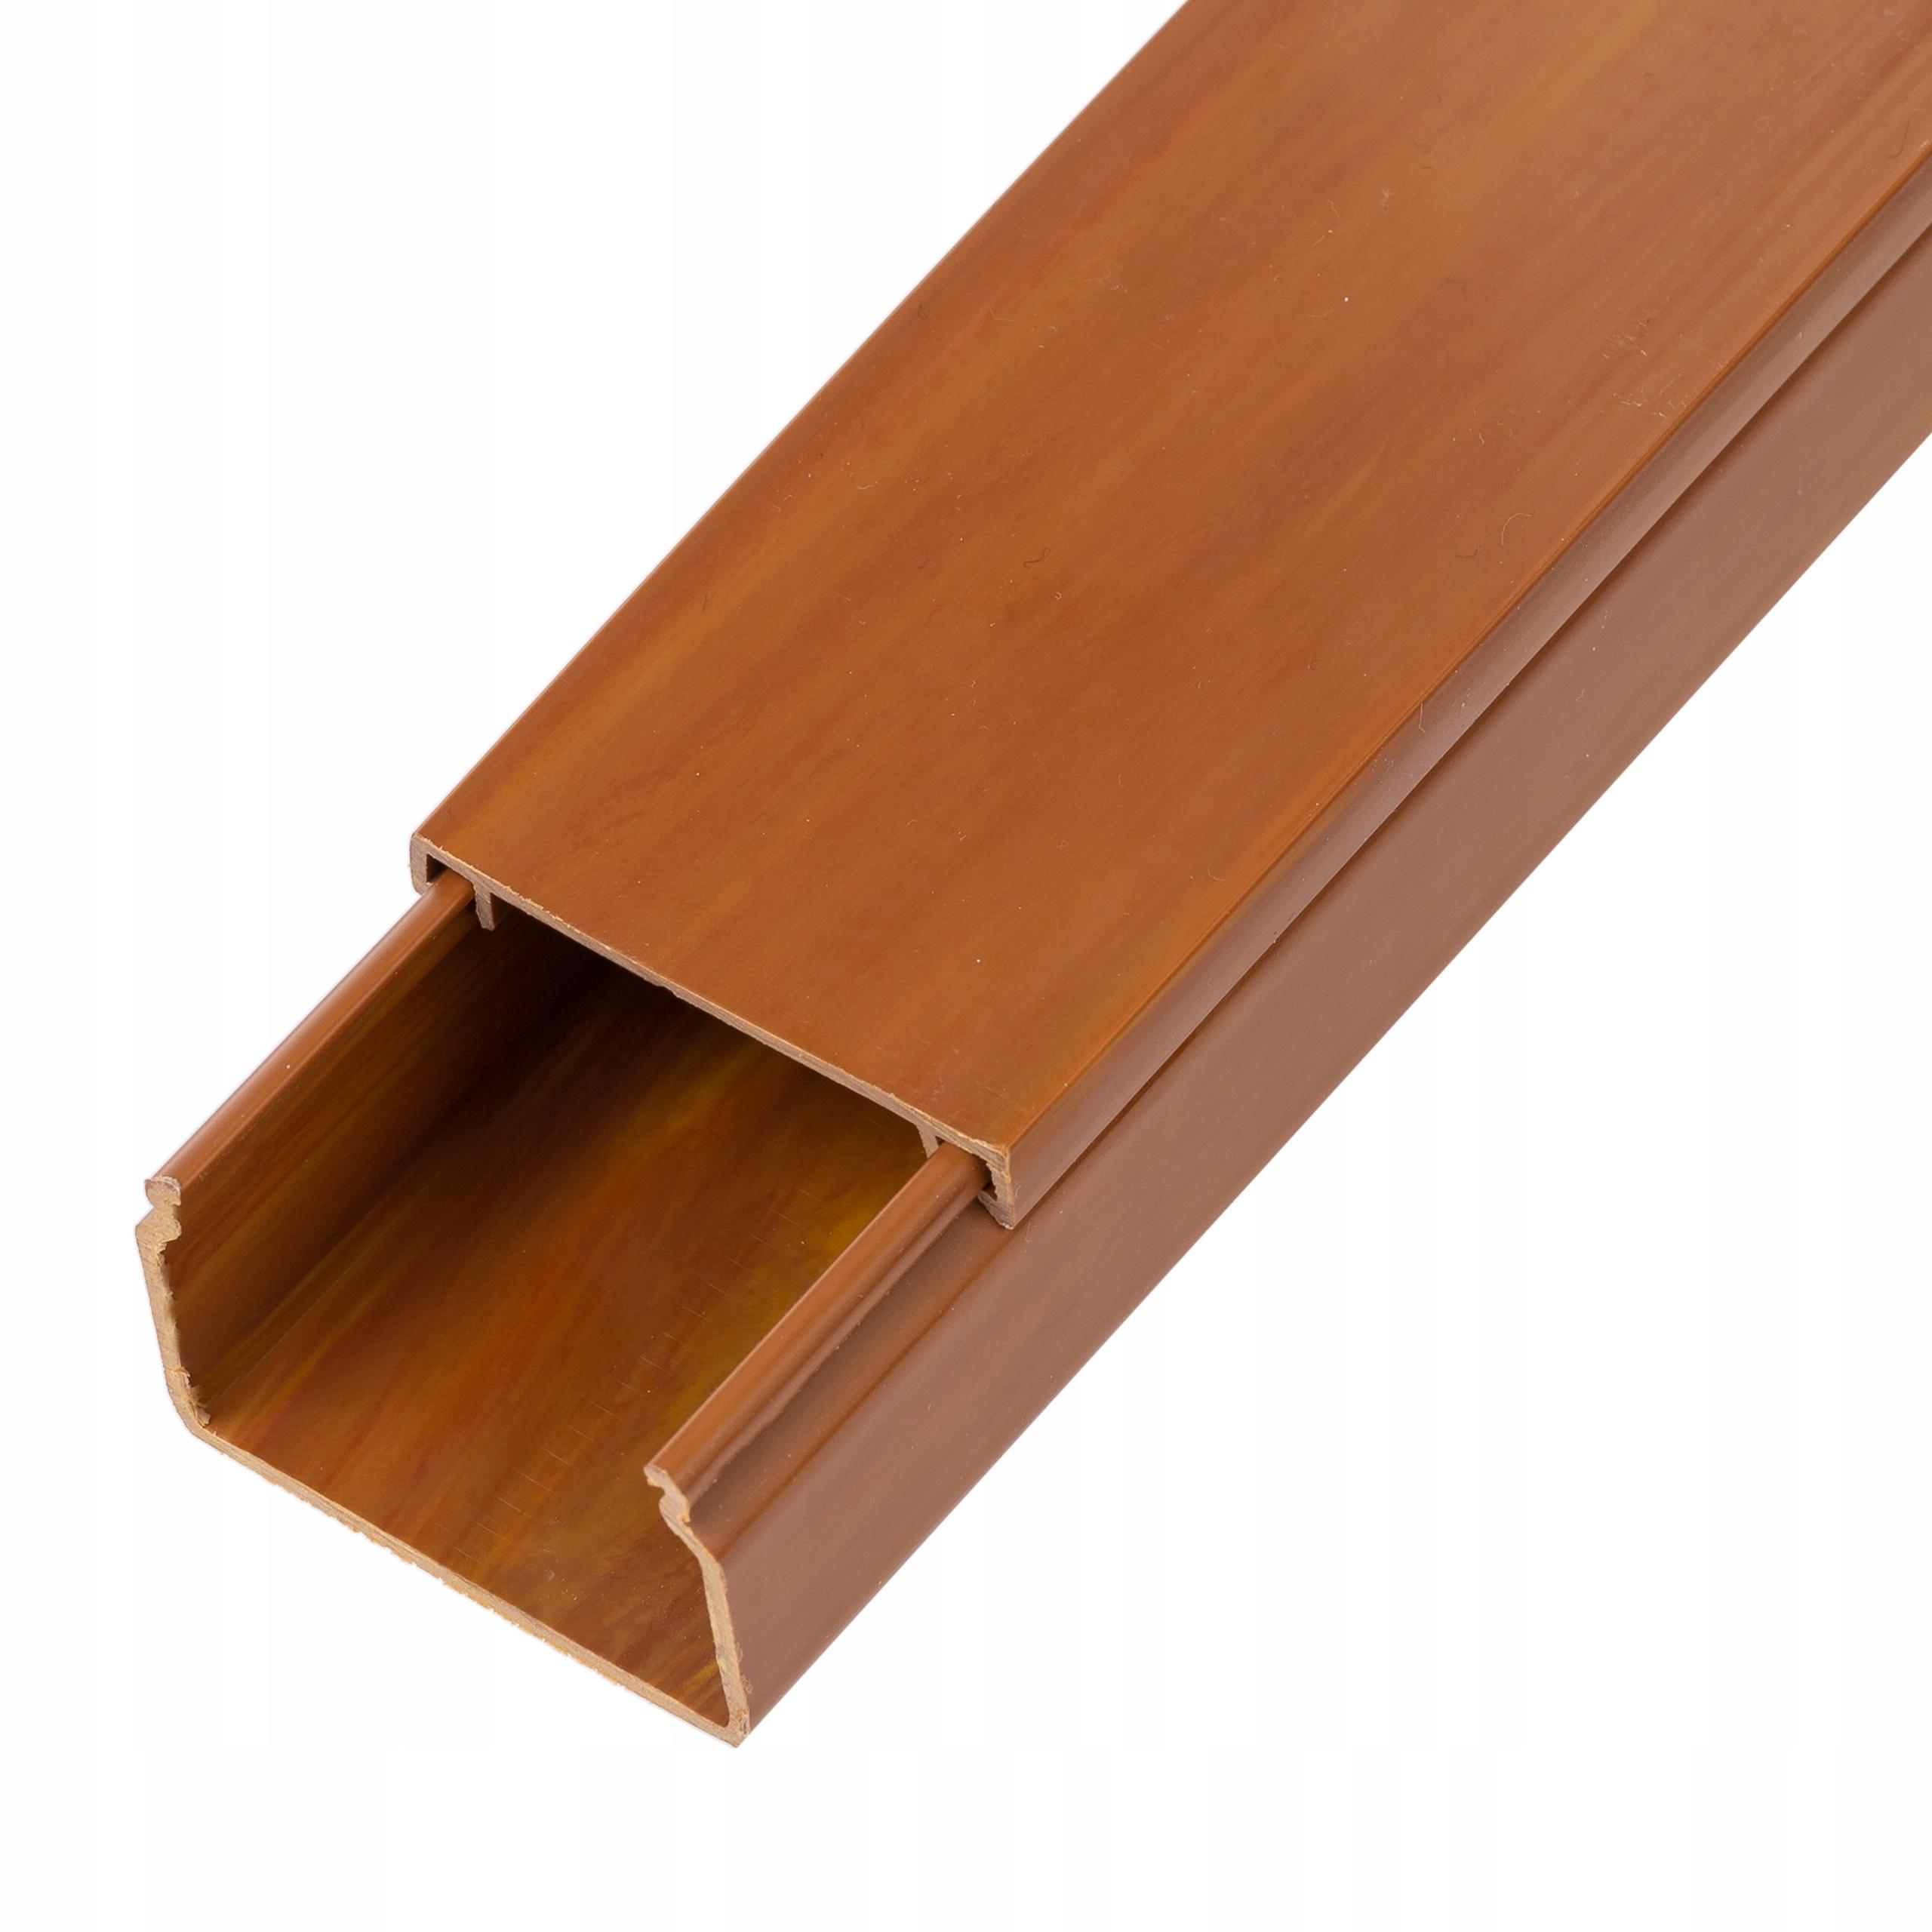 Listwa kanał kablowy korytko brąz drewno 40x 25 2m